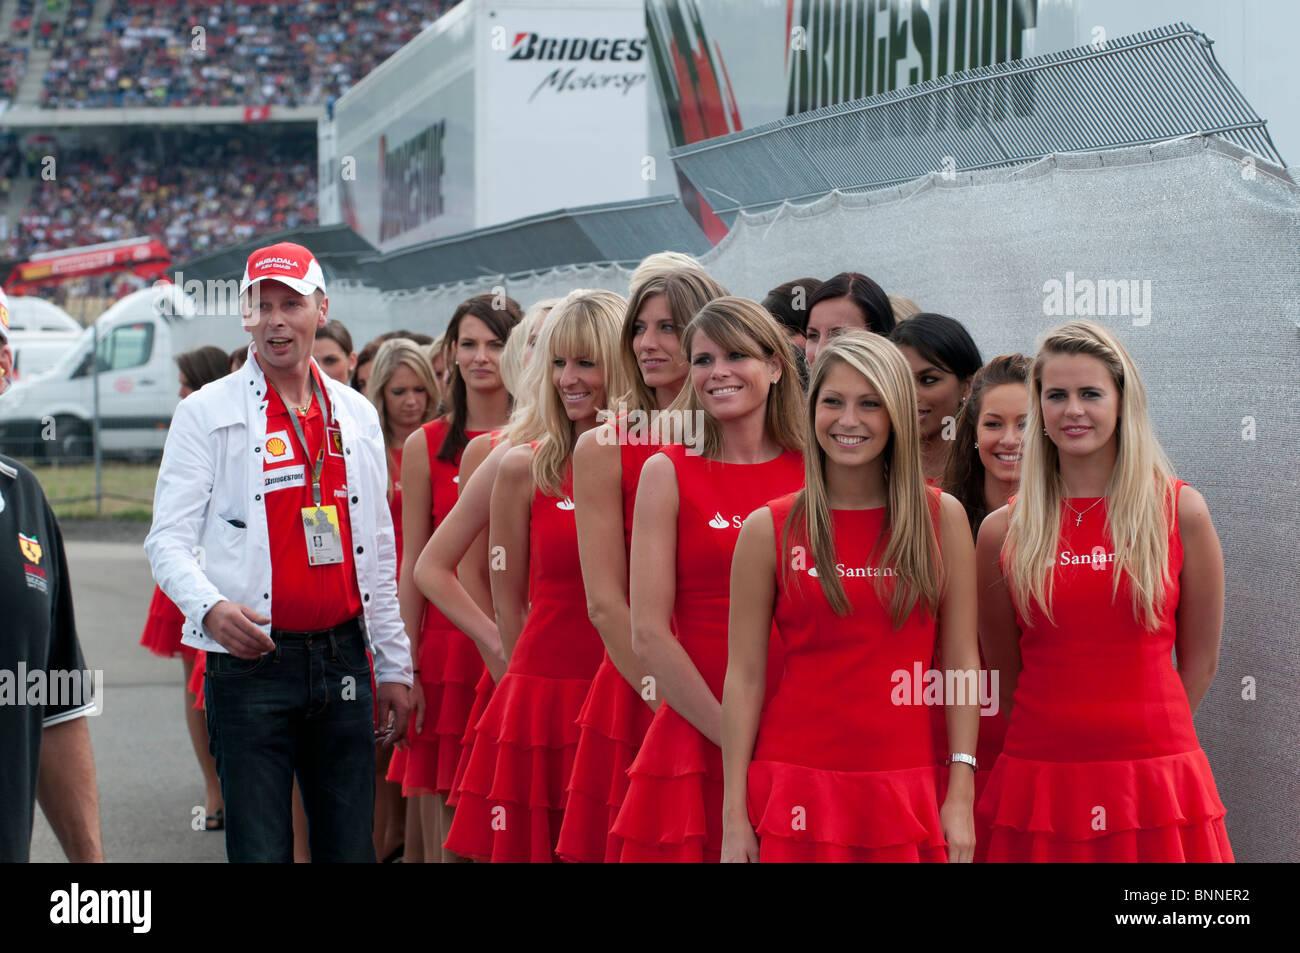 Formula 1, Hockenheimring, Hockenheim, Germany, Europe - Stock Image